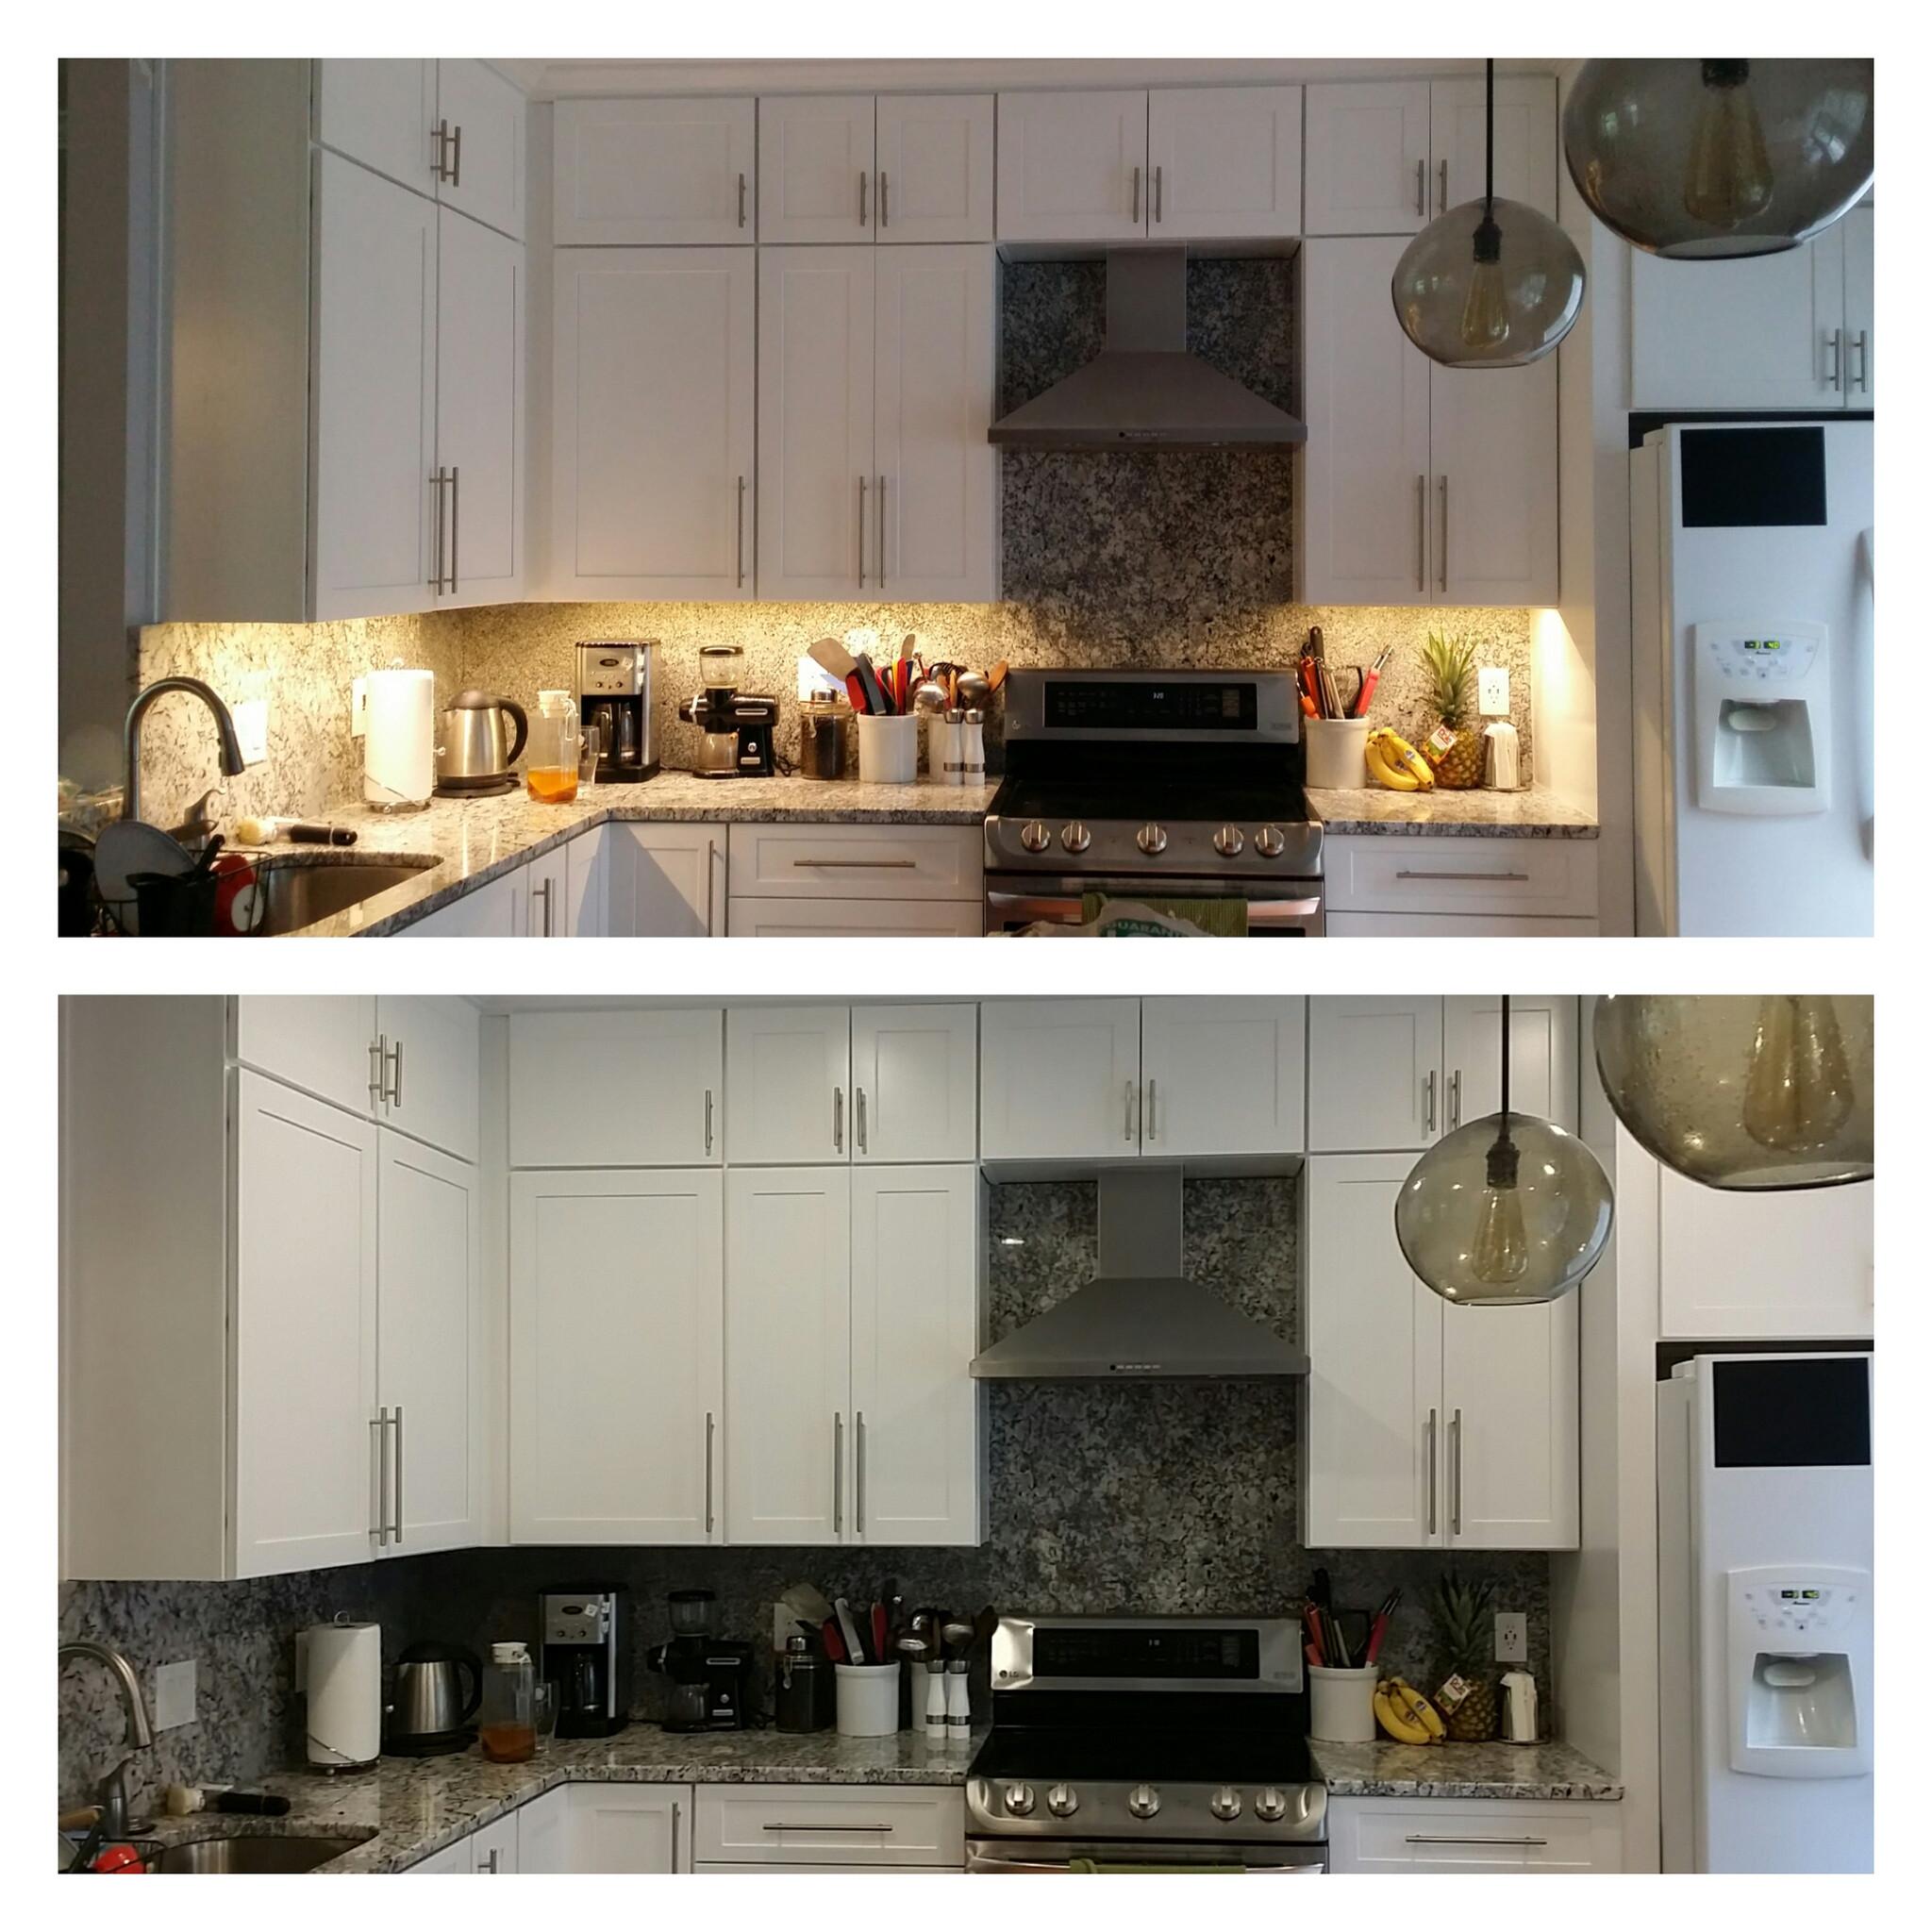 Kitchen Design/Renovation